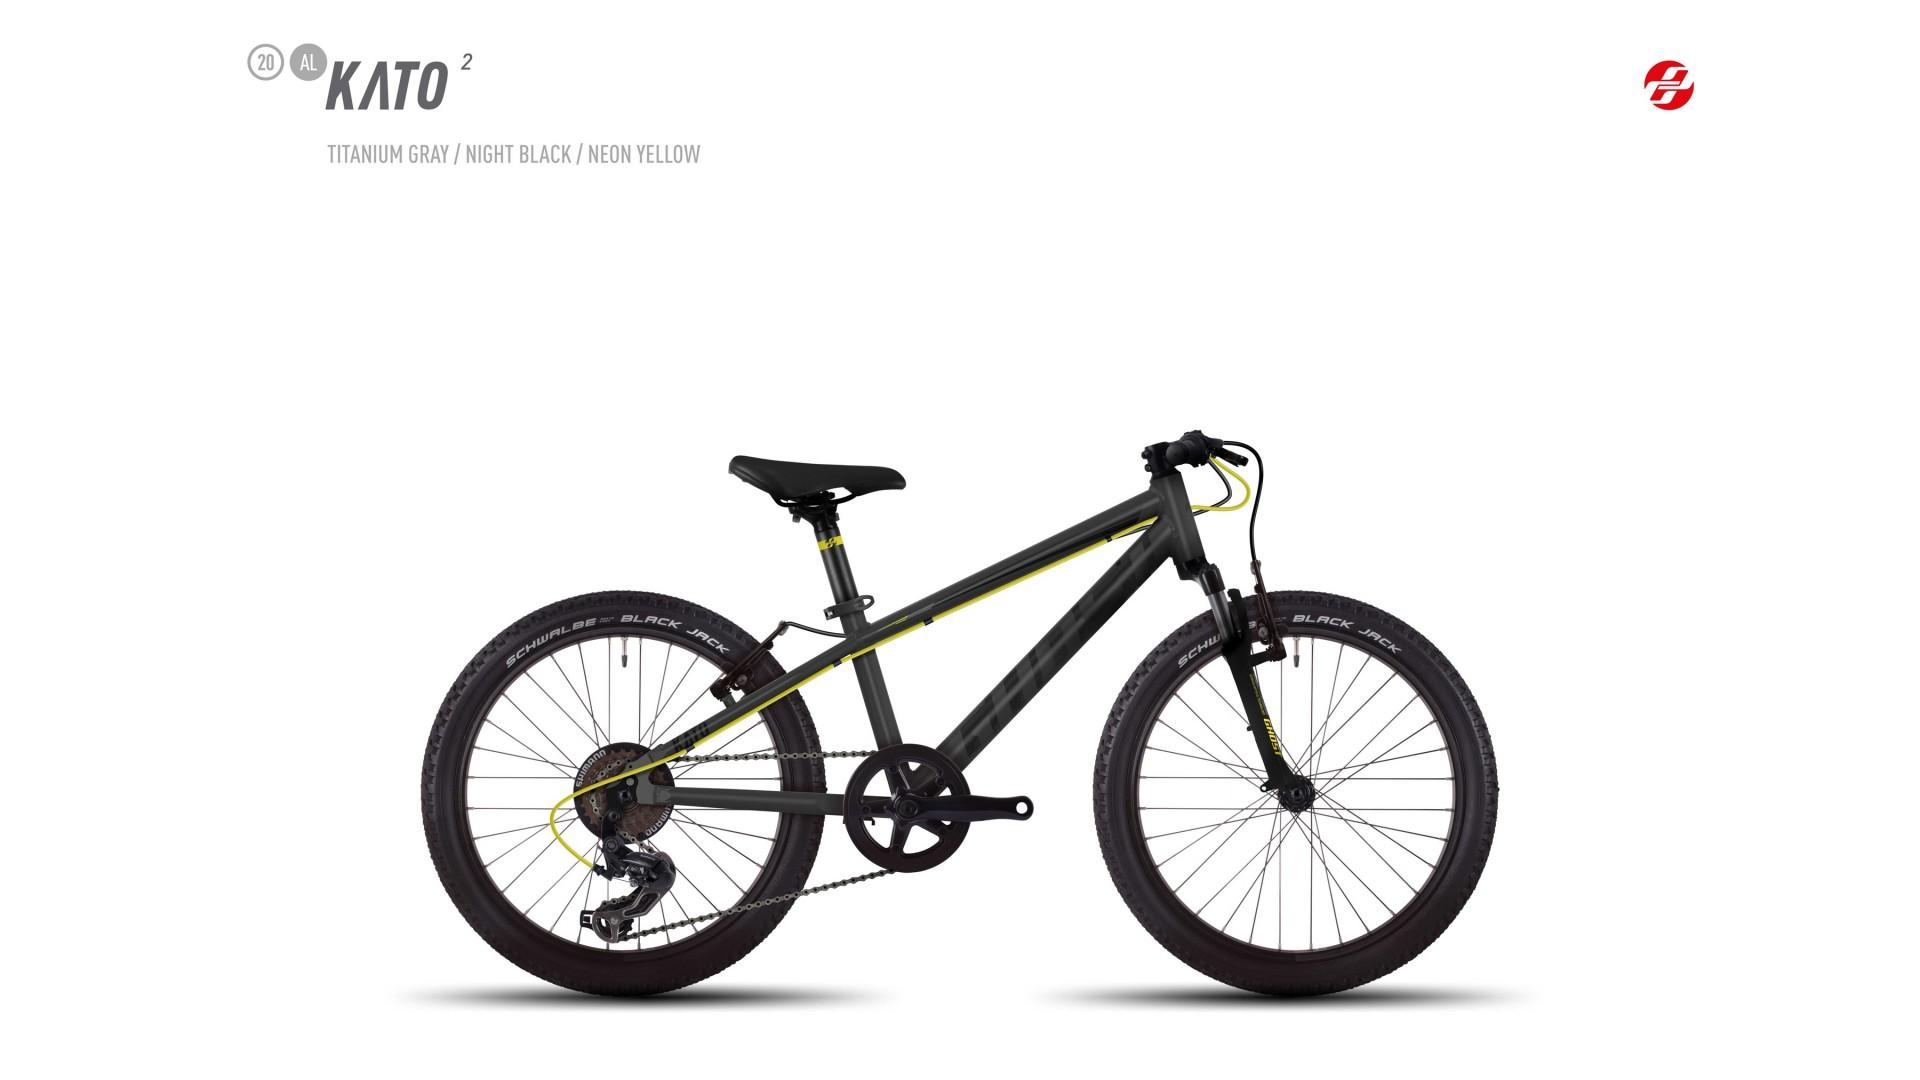 Велосипед GHOST Kato 2 AL 20 titaniumgrey/nightblack/neonyellow год 2017